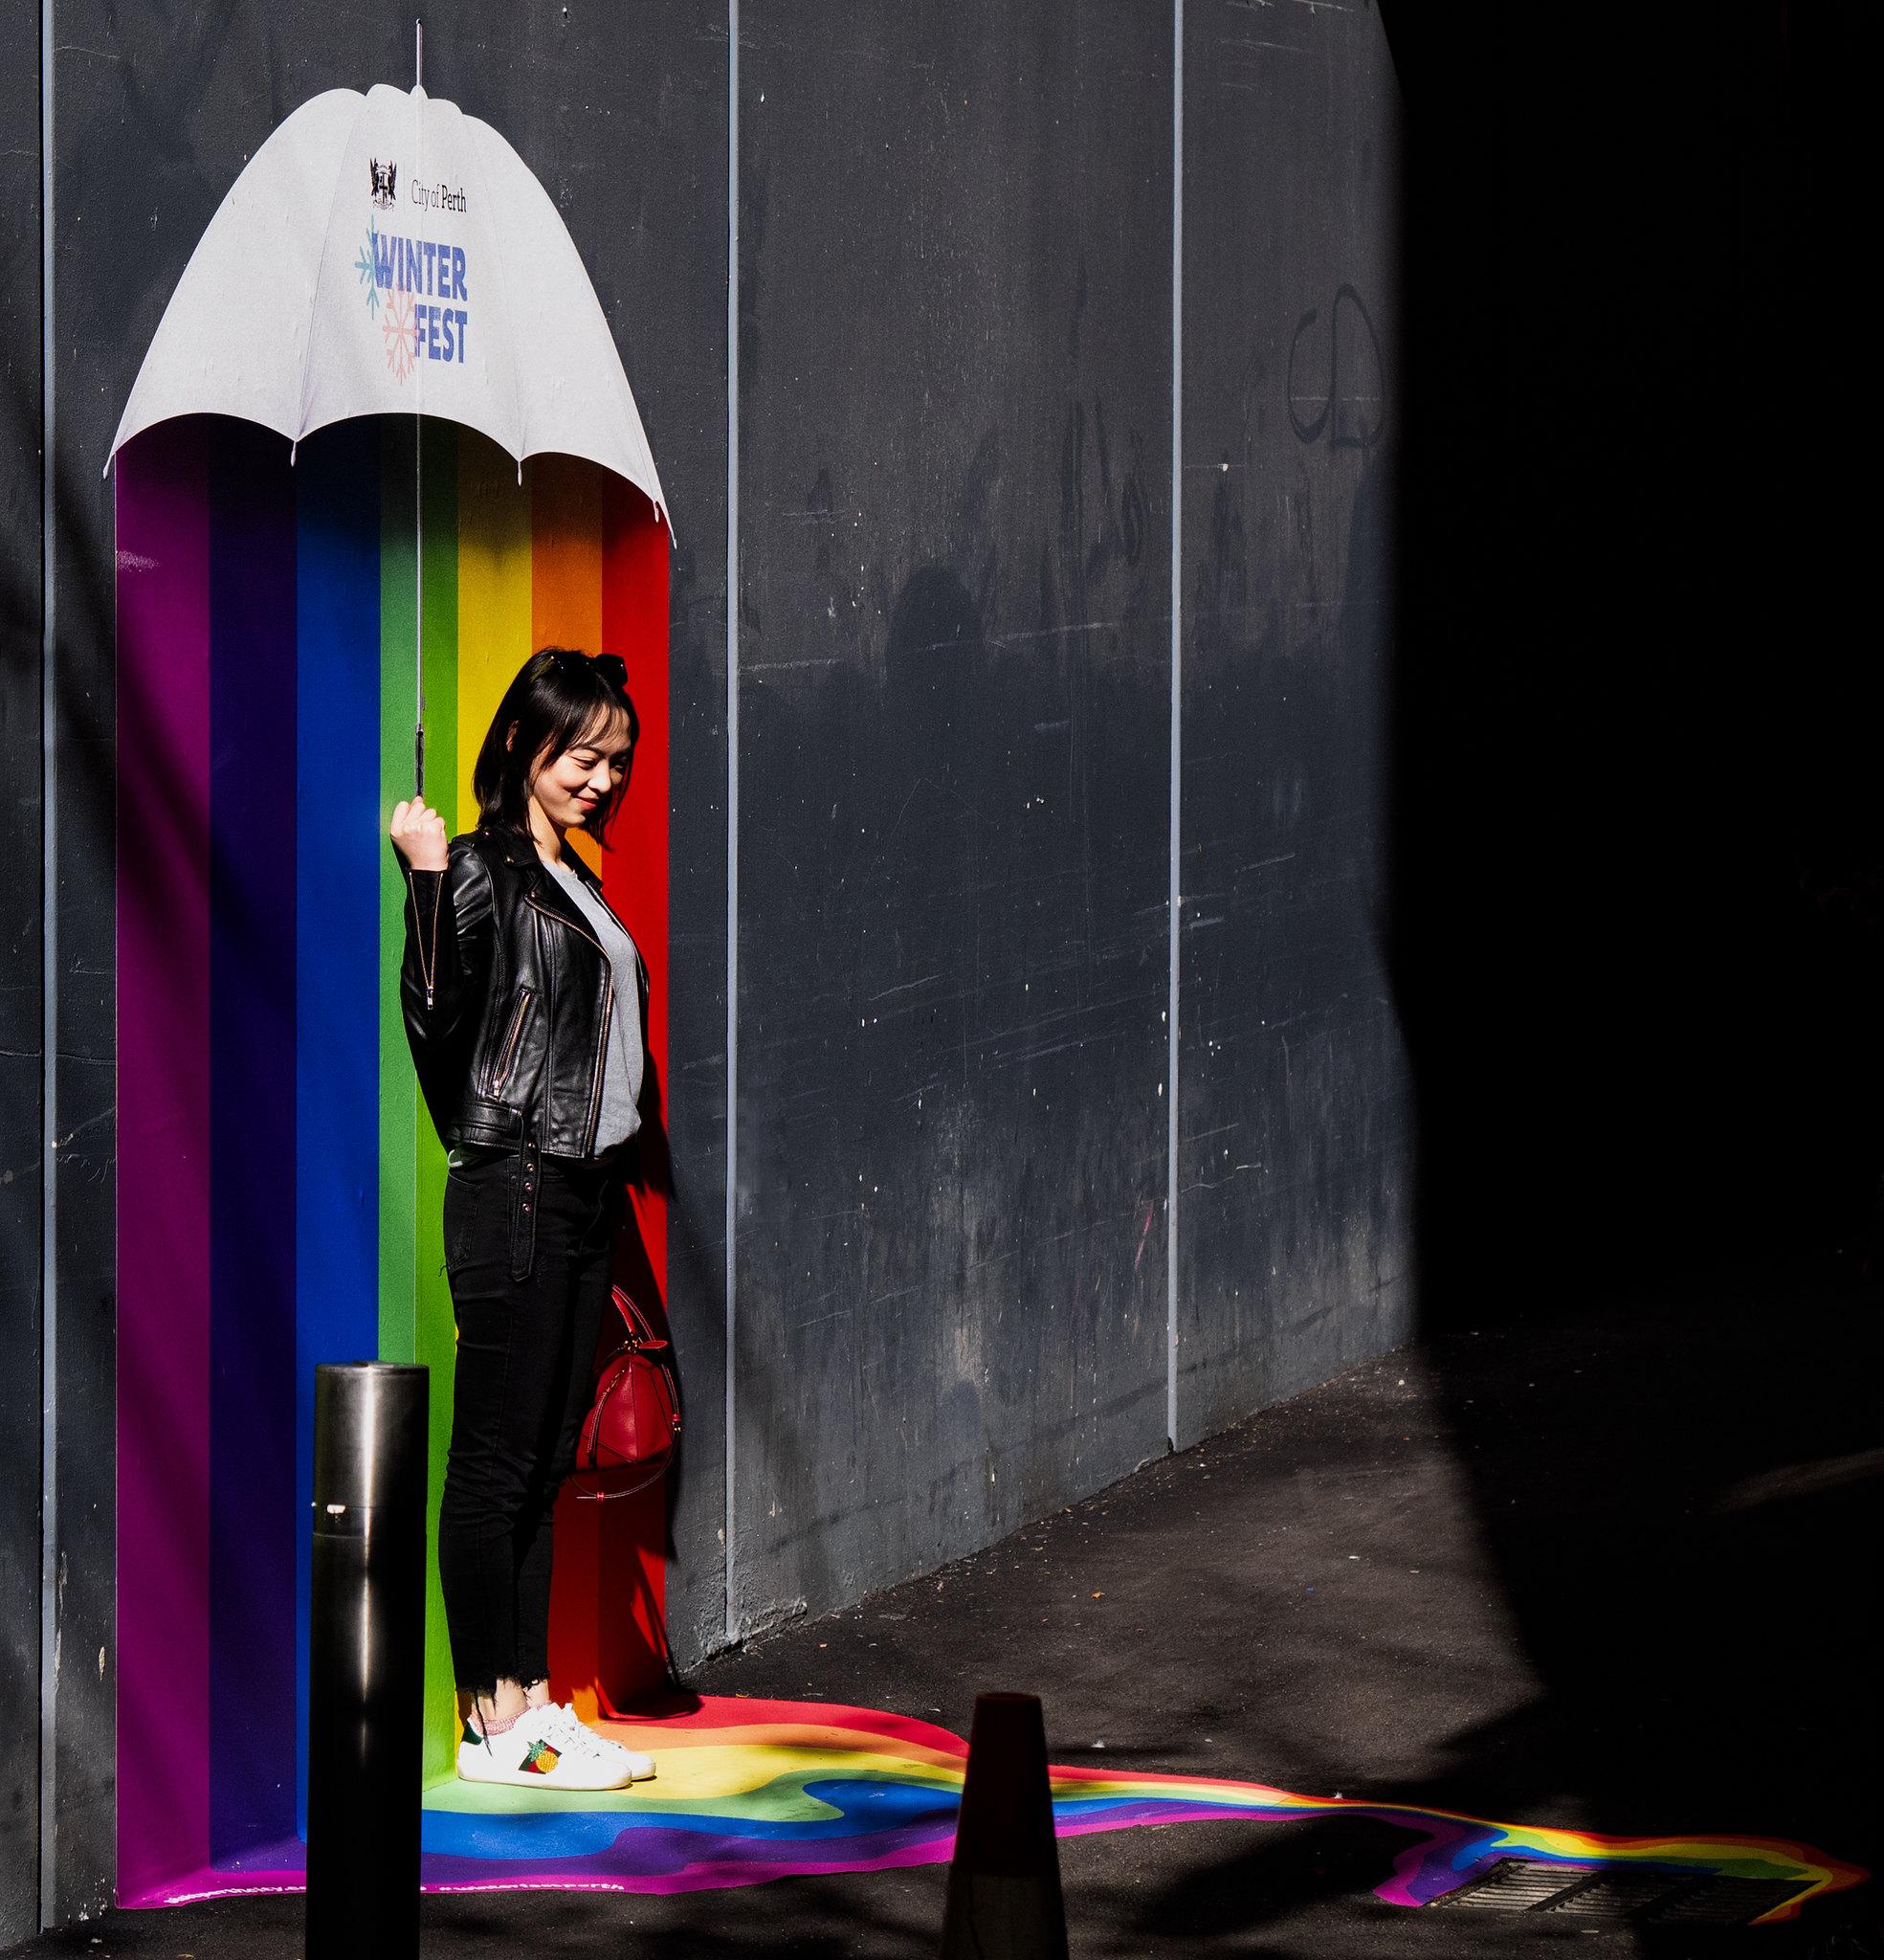 Rain spectrum